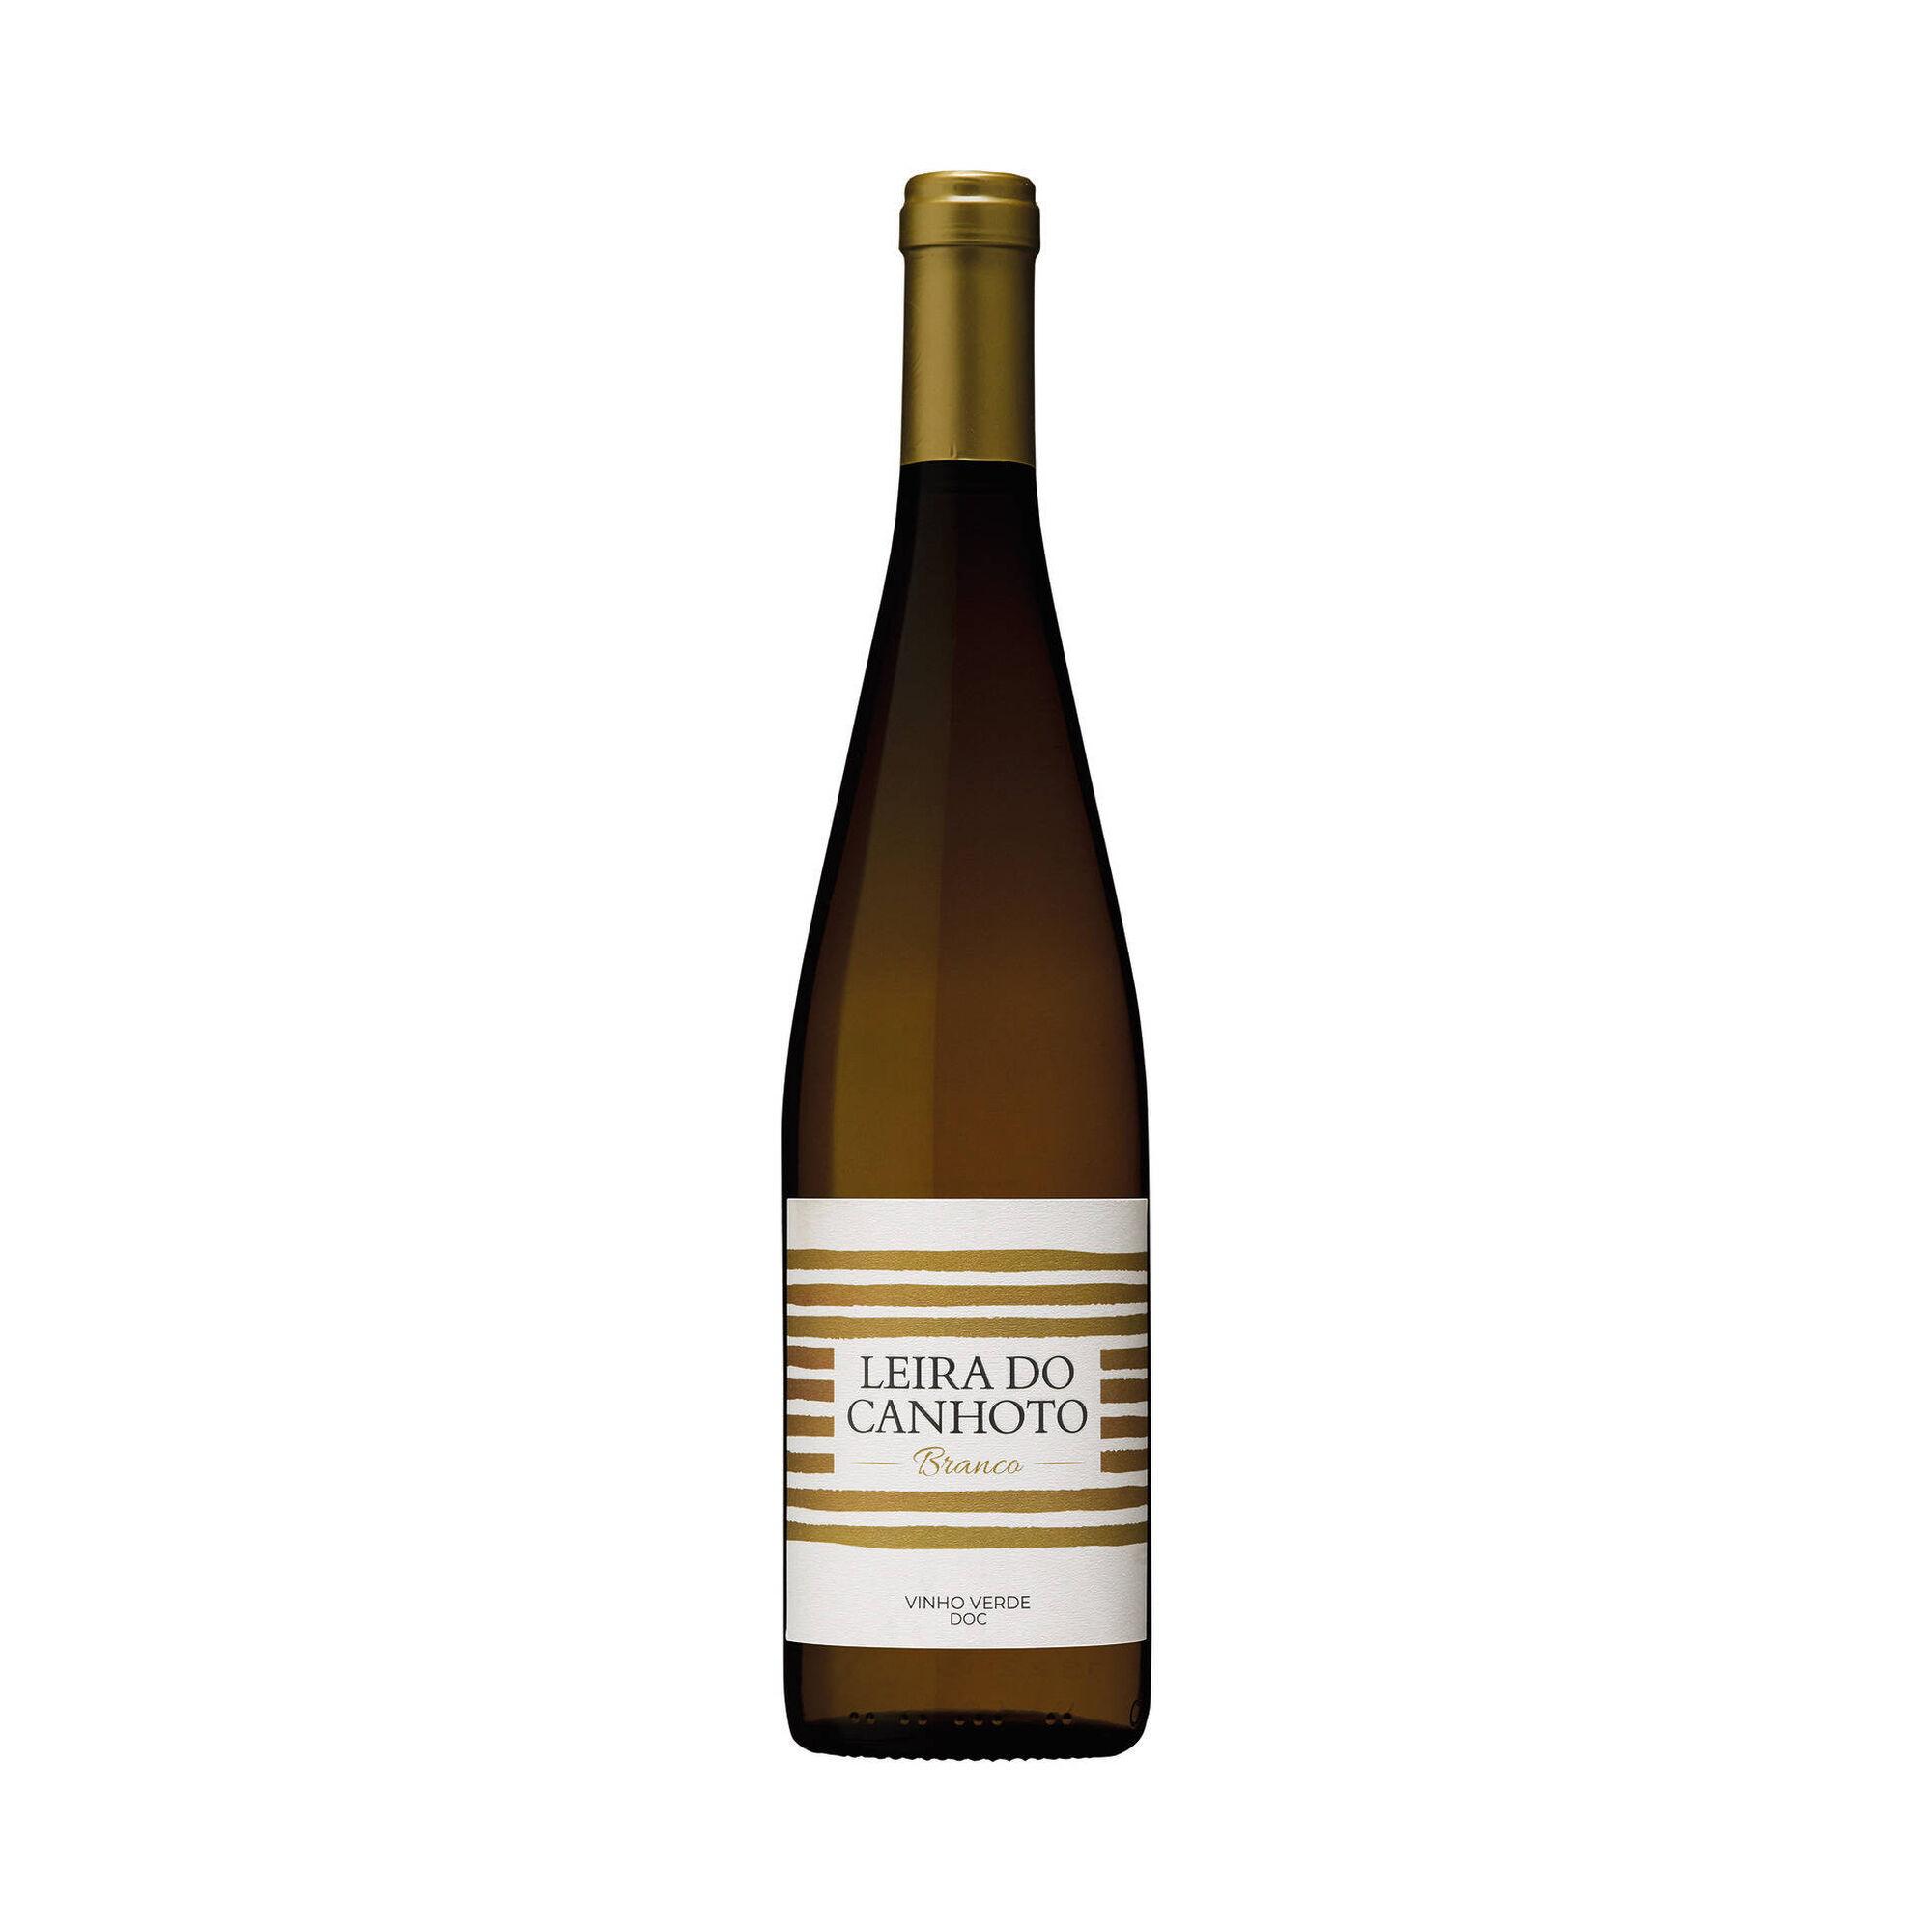 Leira do Canhoto DOC Vinho Verde Branco